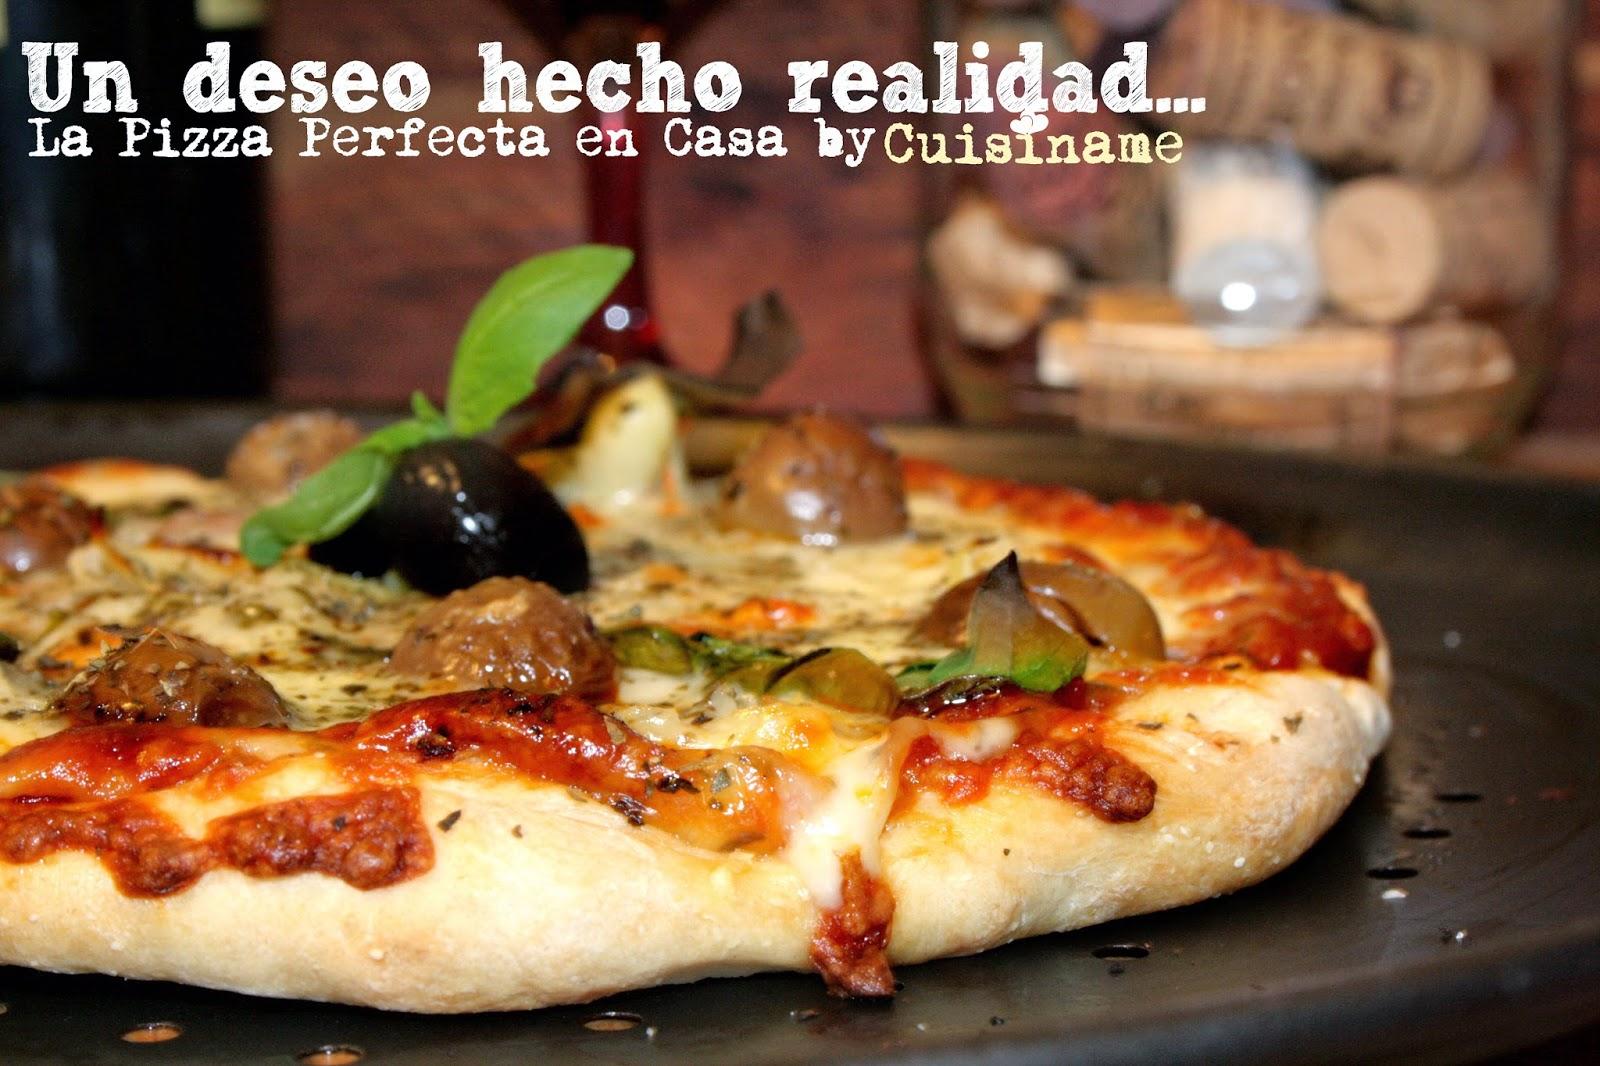 pizza, pasta, masa, como hacer masa, pizza perfecta, pizza en casa, las mejores pizzas, pizza con queso, recetas de cocina, recetas originales, yummy recipes, recetas caseras, humor